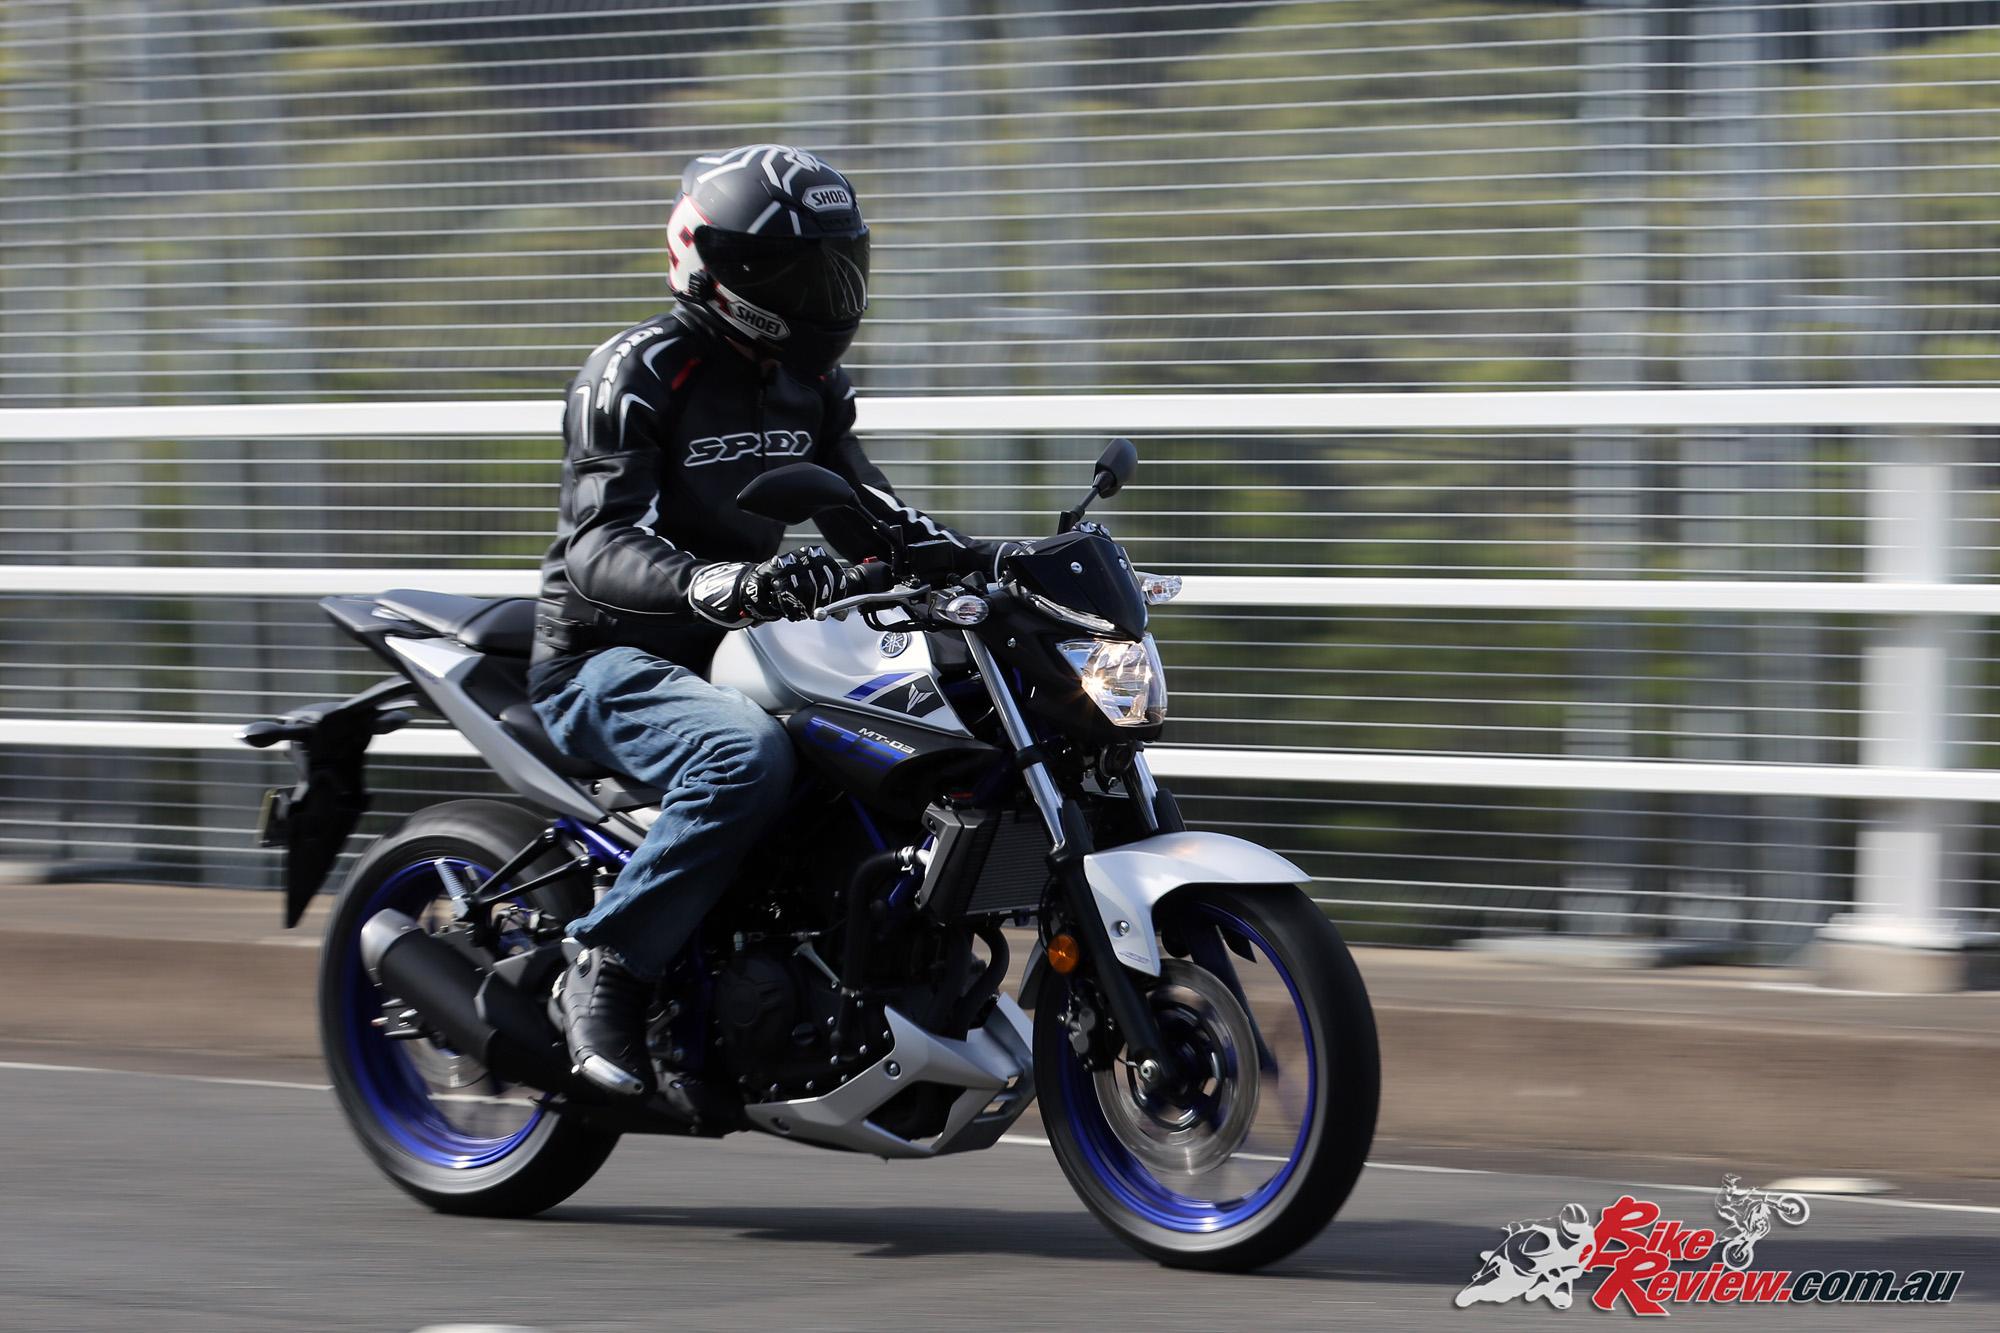 2016 Yamaha Mt 03 furthermore Honda Cb 500 Four Der Topseller In Der 500er Klasse in addition Moto Guzzi Cafe Racer By Moto Nero moreover T9582 Yamaha 125 Dtmx 1979 Origine moreover 2017 Ducati Scrambler Cafe Racer. on yamaha cafe racer